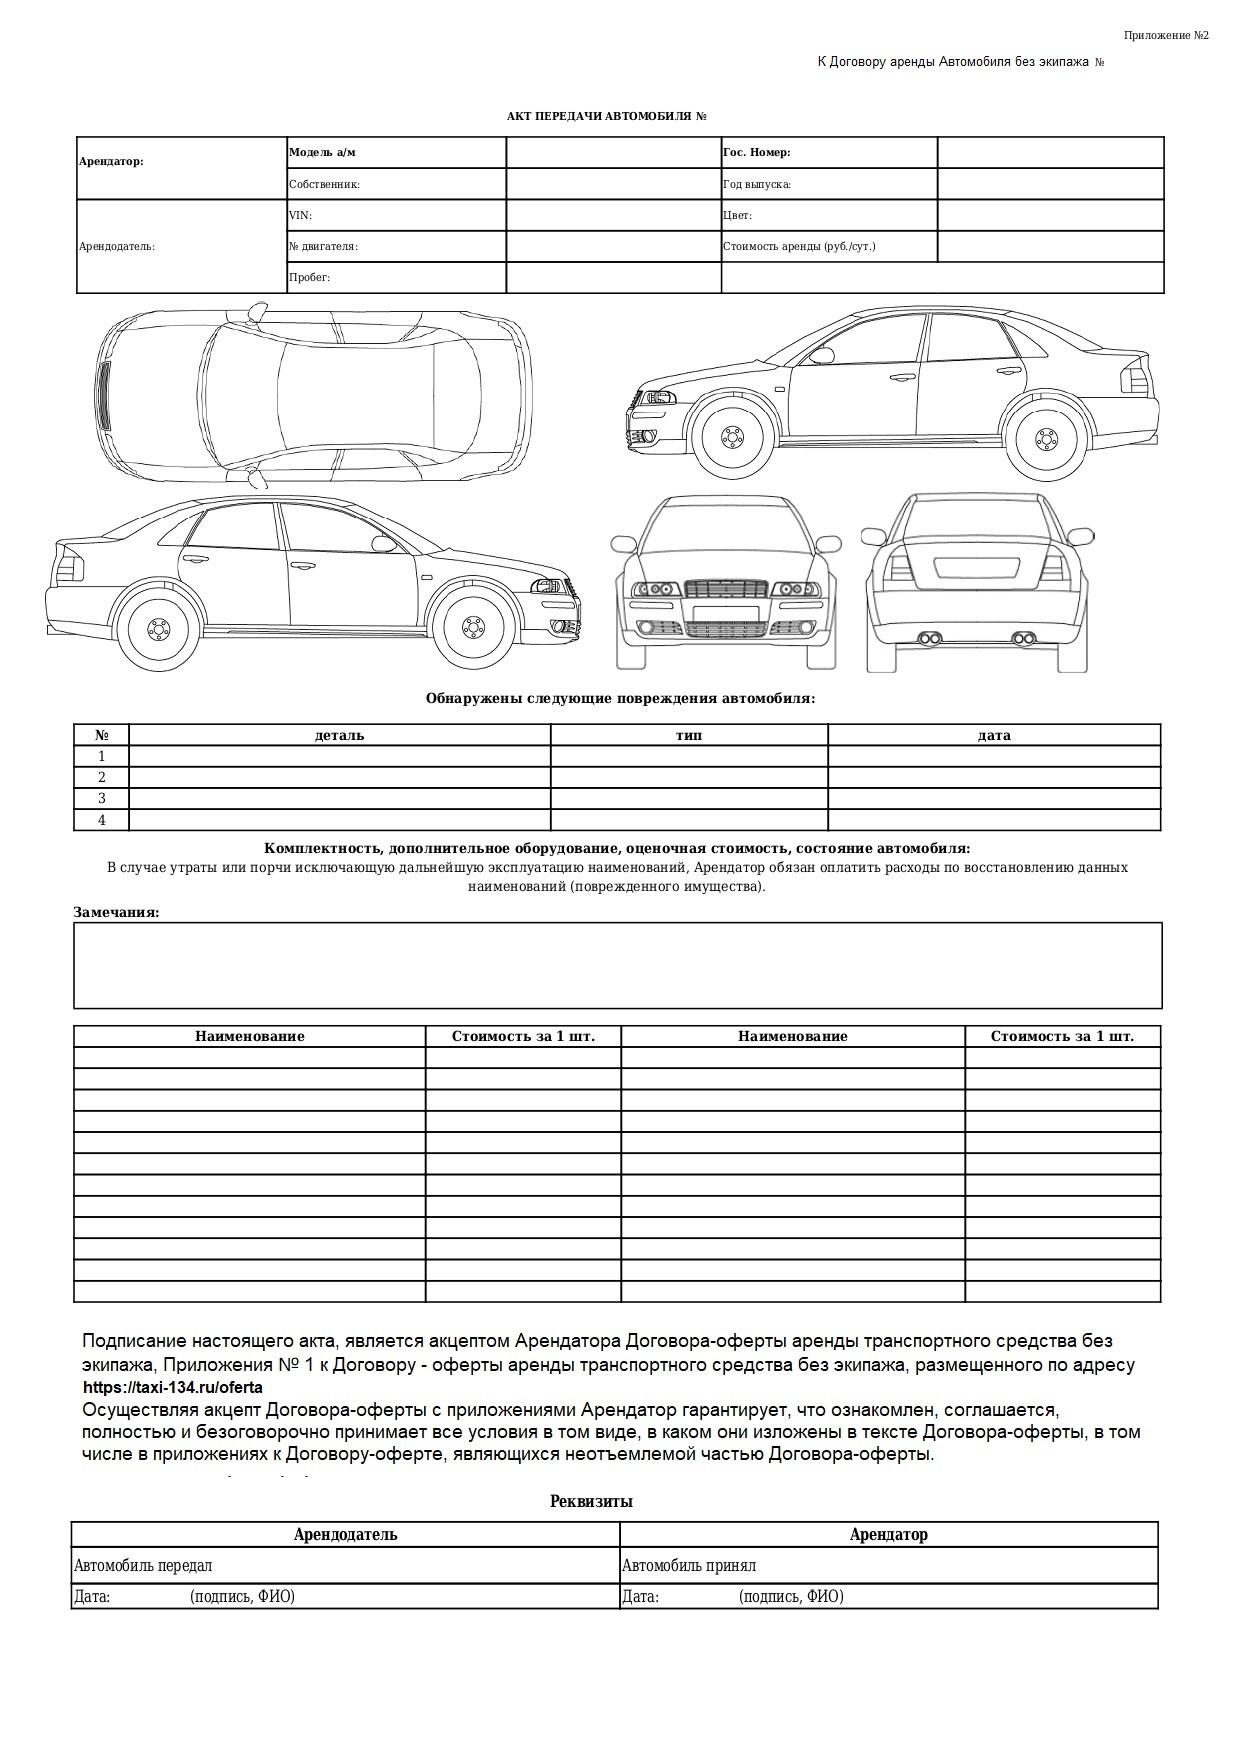 скачать акт приема передачи автомобиля такси